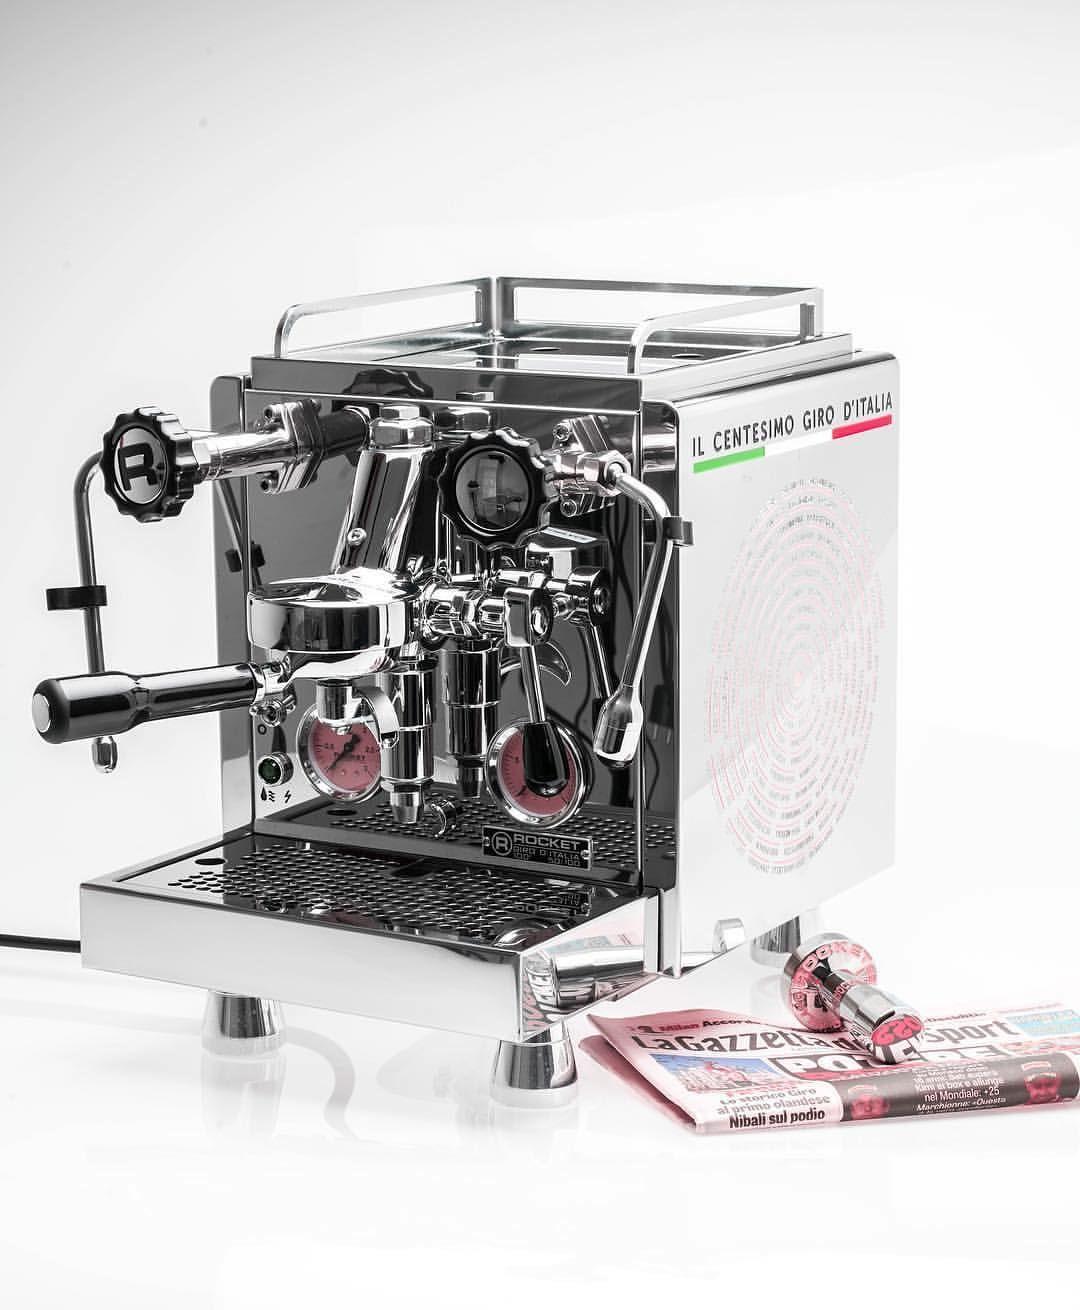 125 vindikleuks, 2 reacties Rocket Espresso New